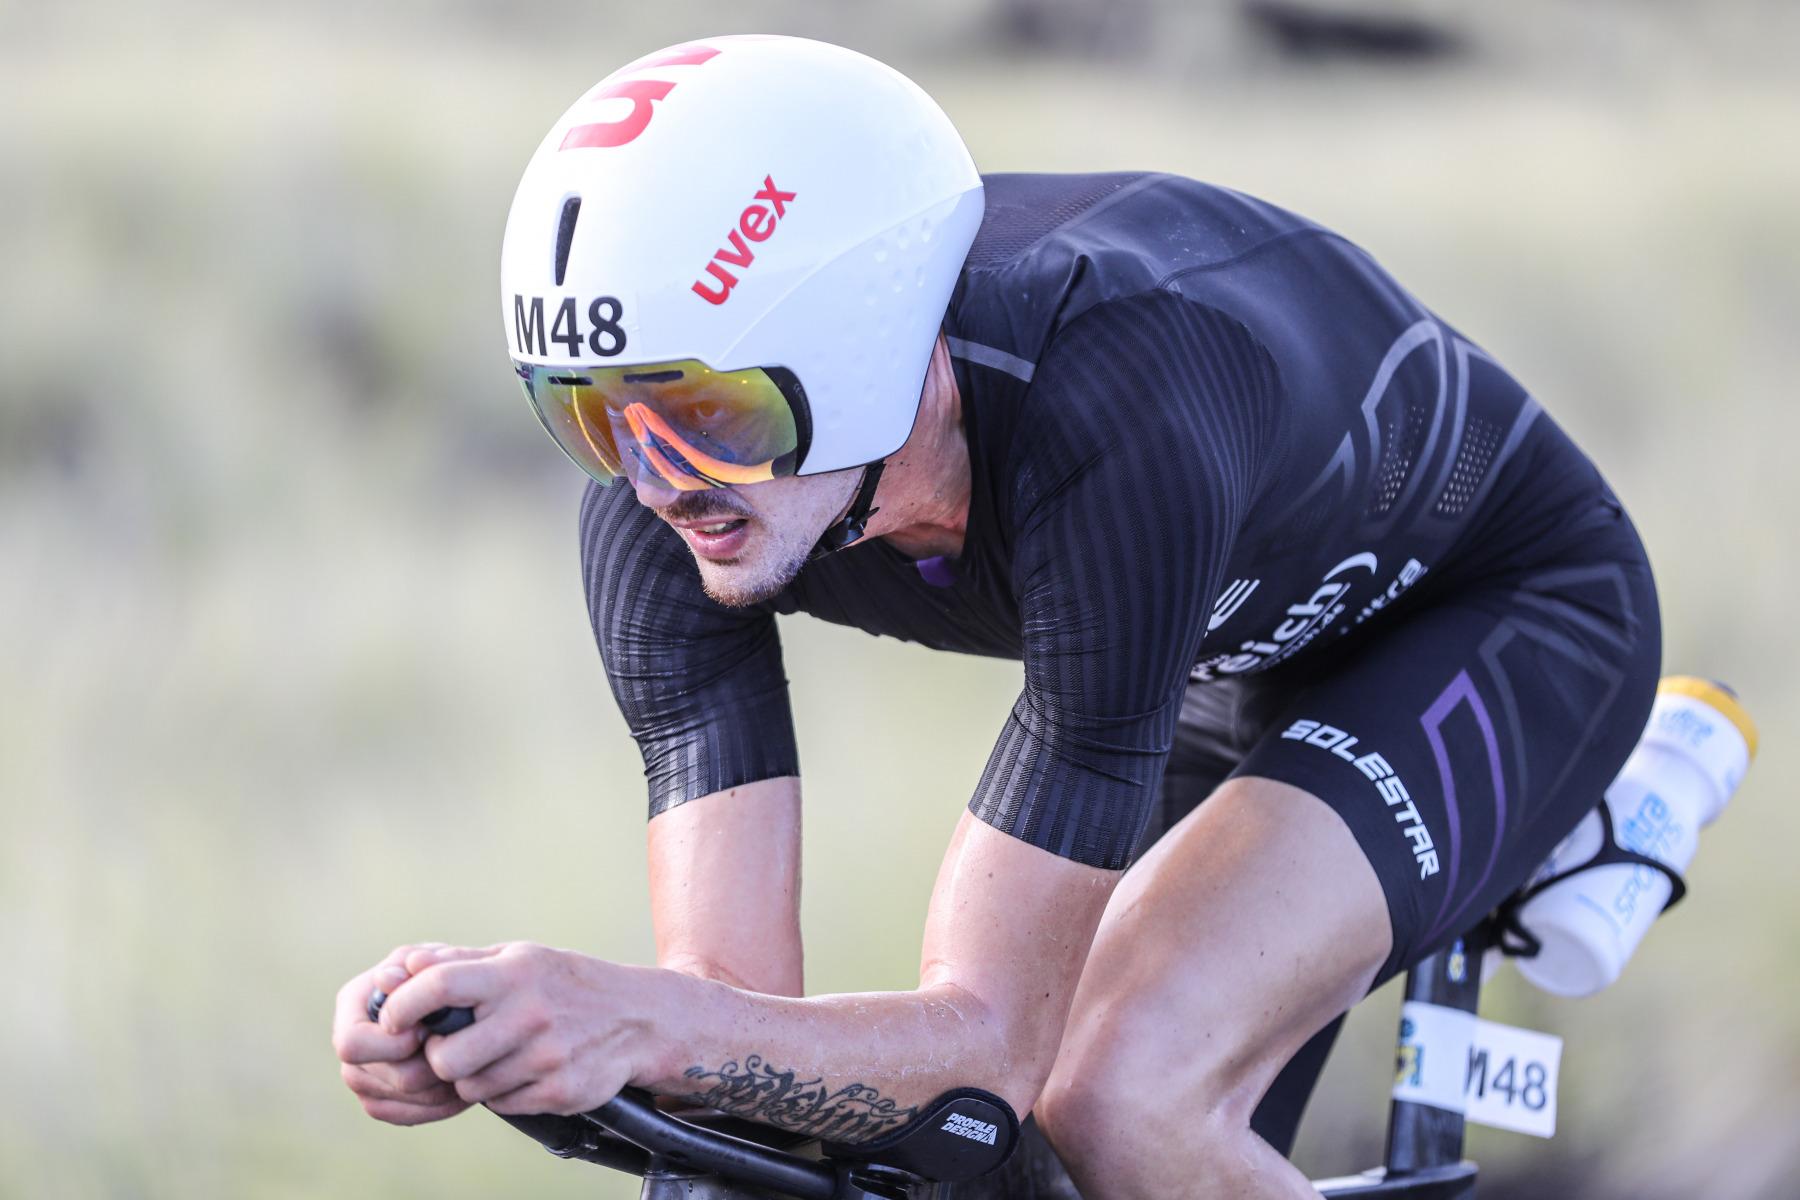 Franz Löschke ist das nächste Opfer: Der Rookie kehrt nach 50 Radkilometern um.